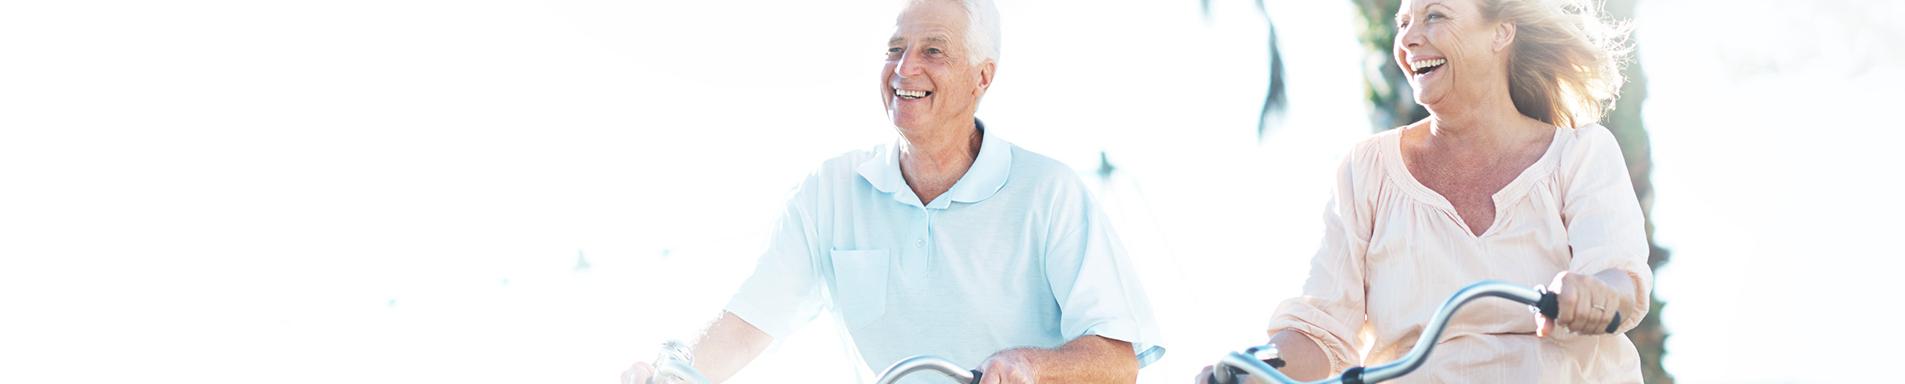 Hoorapparaten Elst - de oorzaak